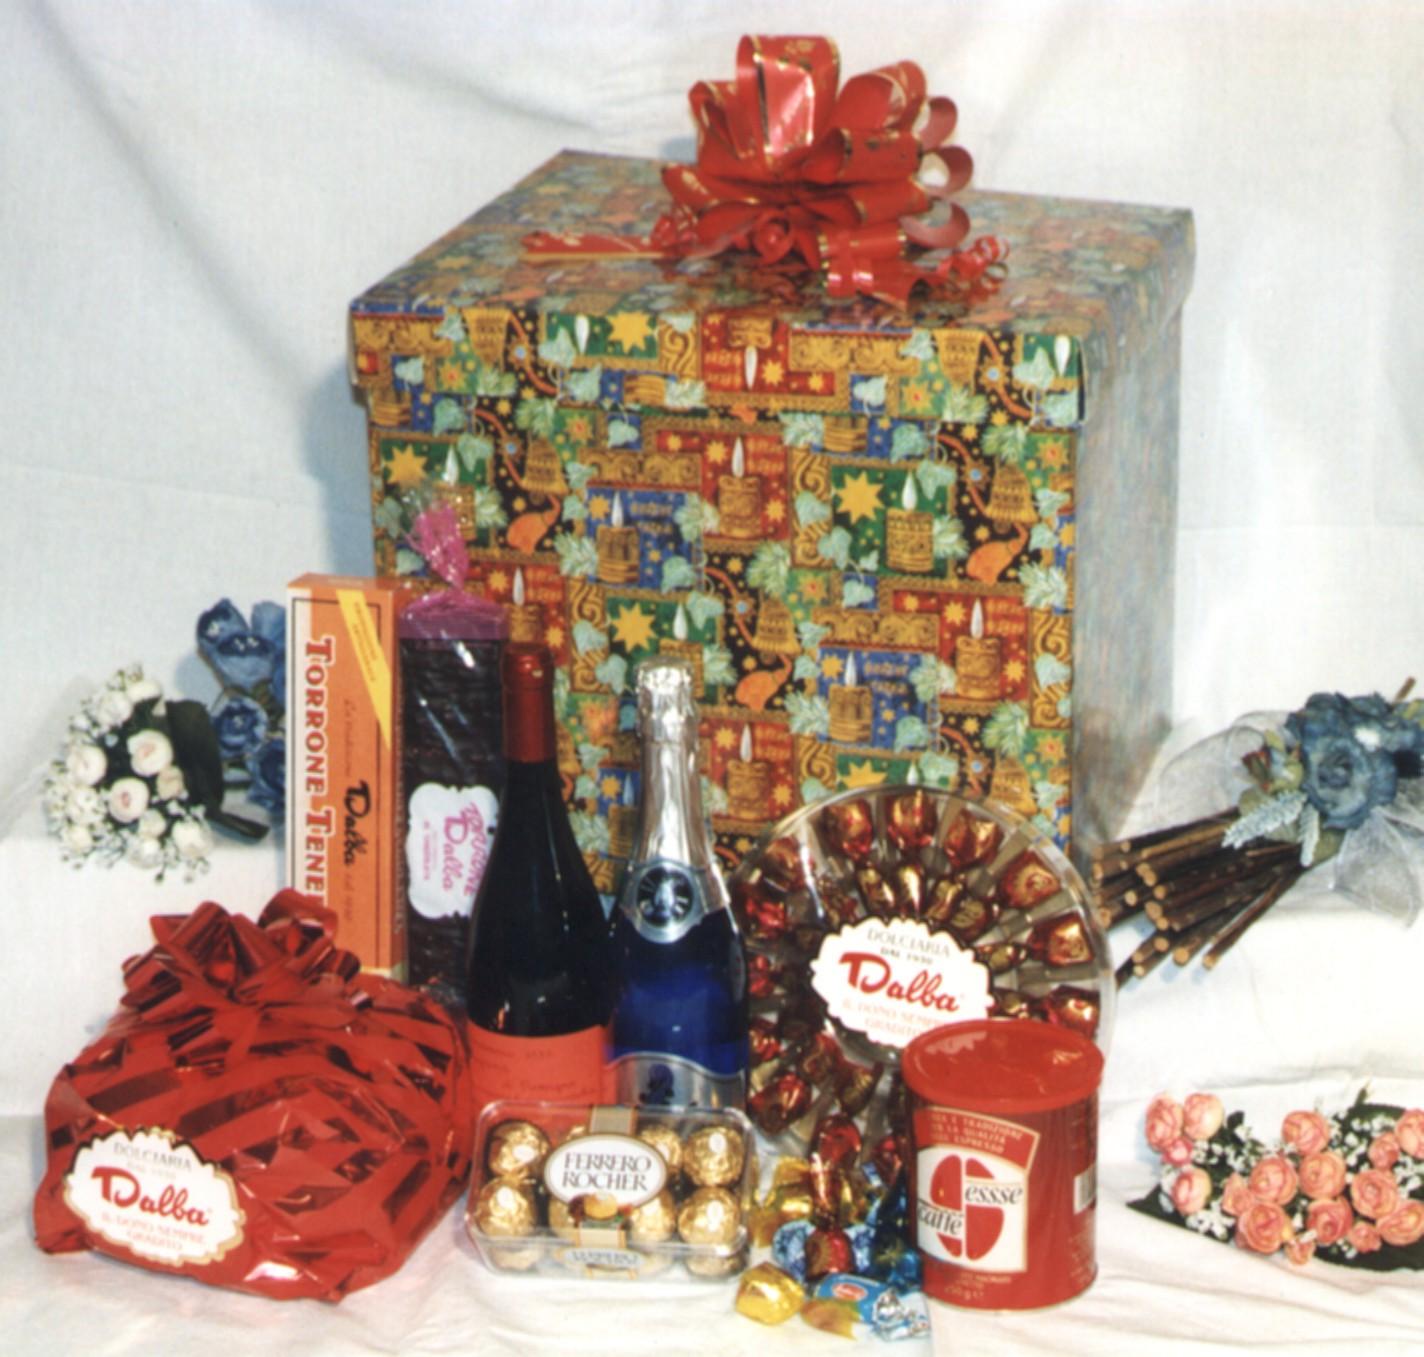 Confezioni Piante Natalizie : Produzione e vendita di confezioni natalizie dolciaria dalba